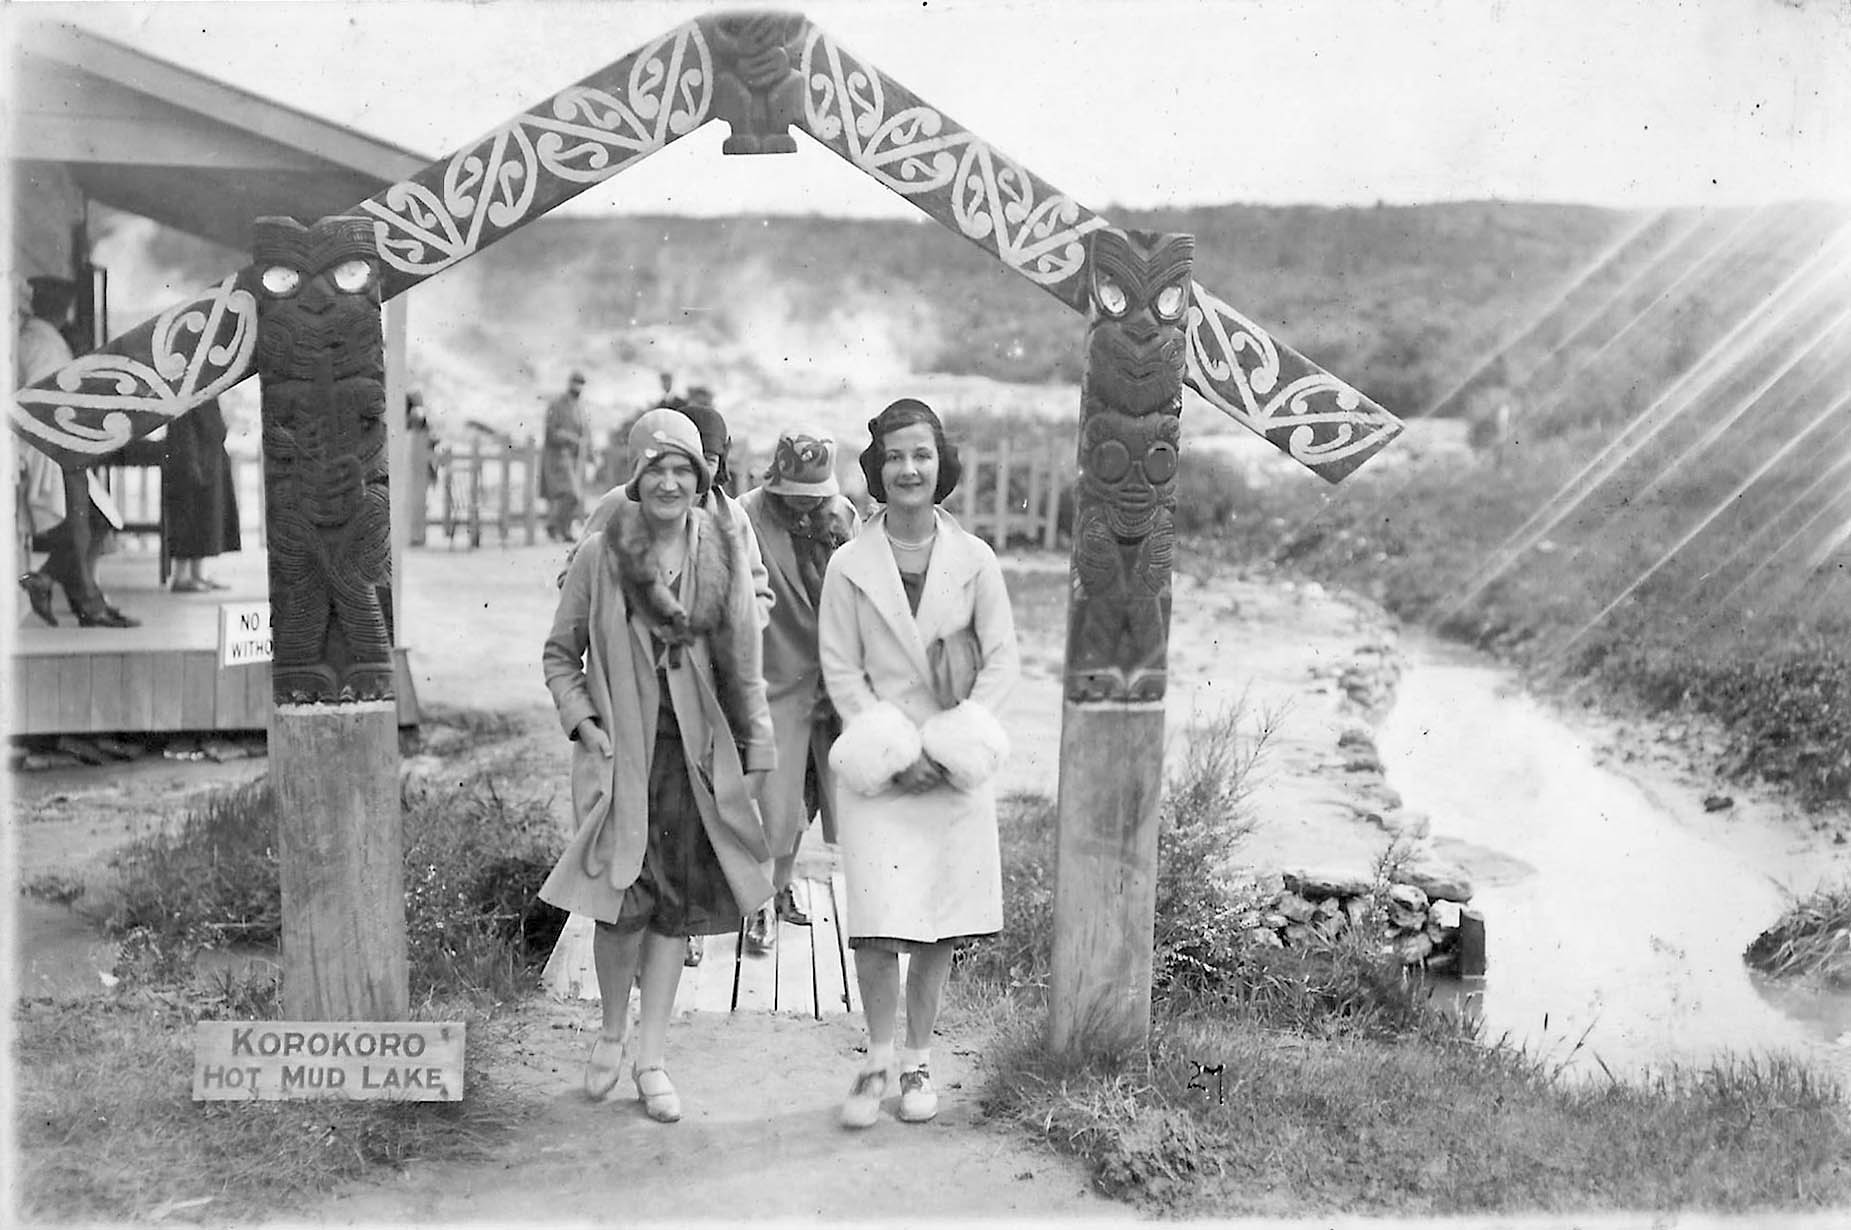 Helen Dobner and Eva Grossman